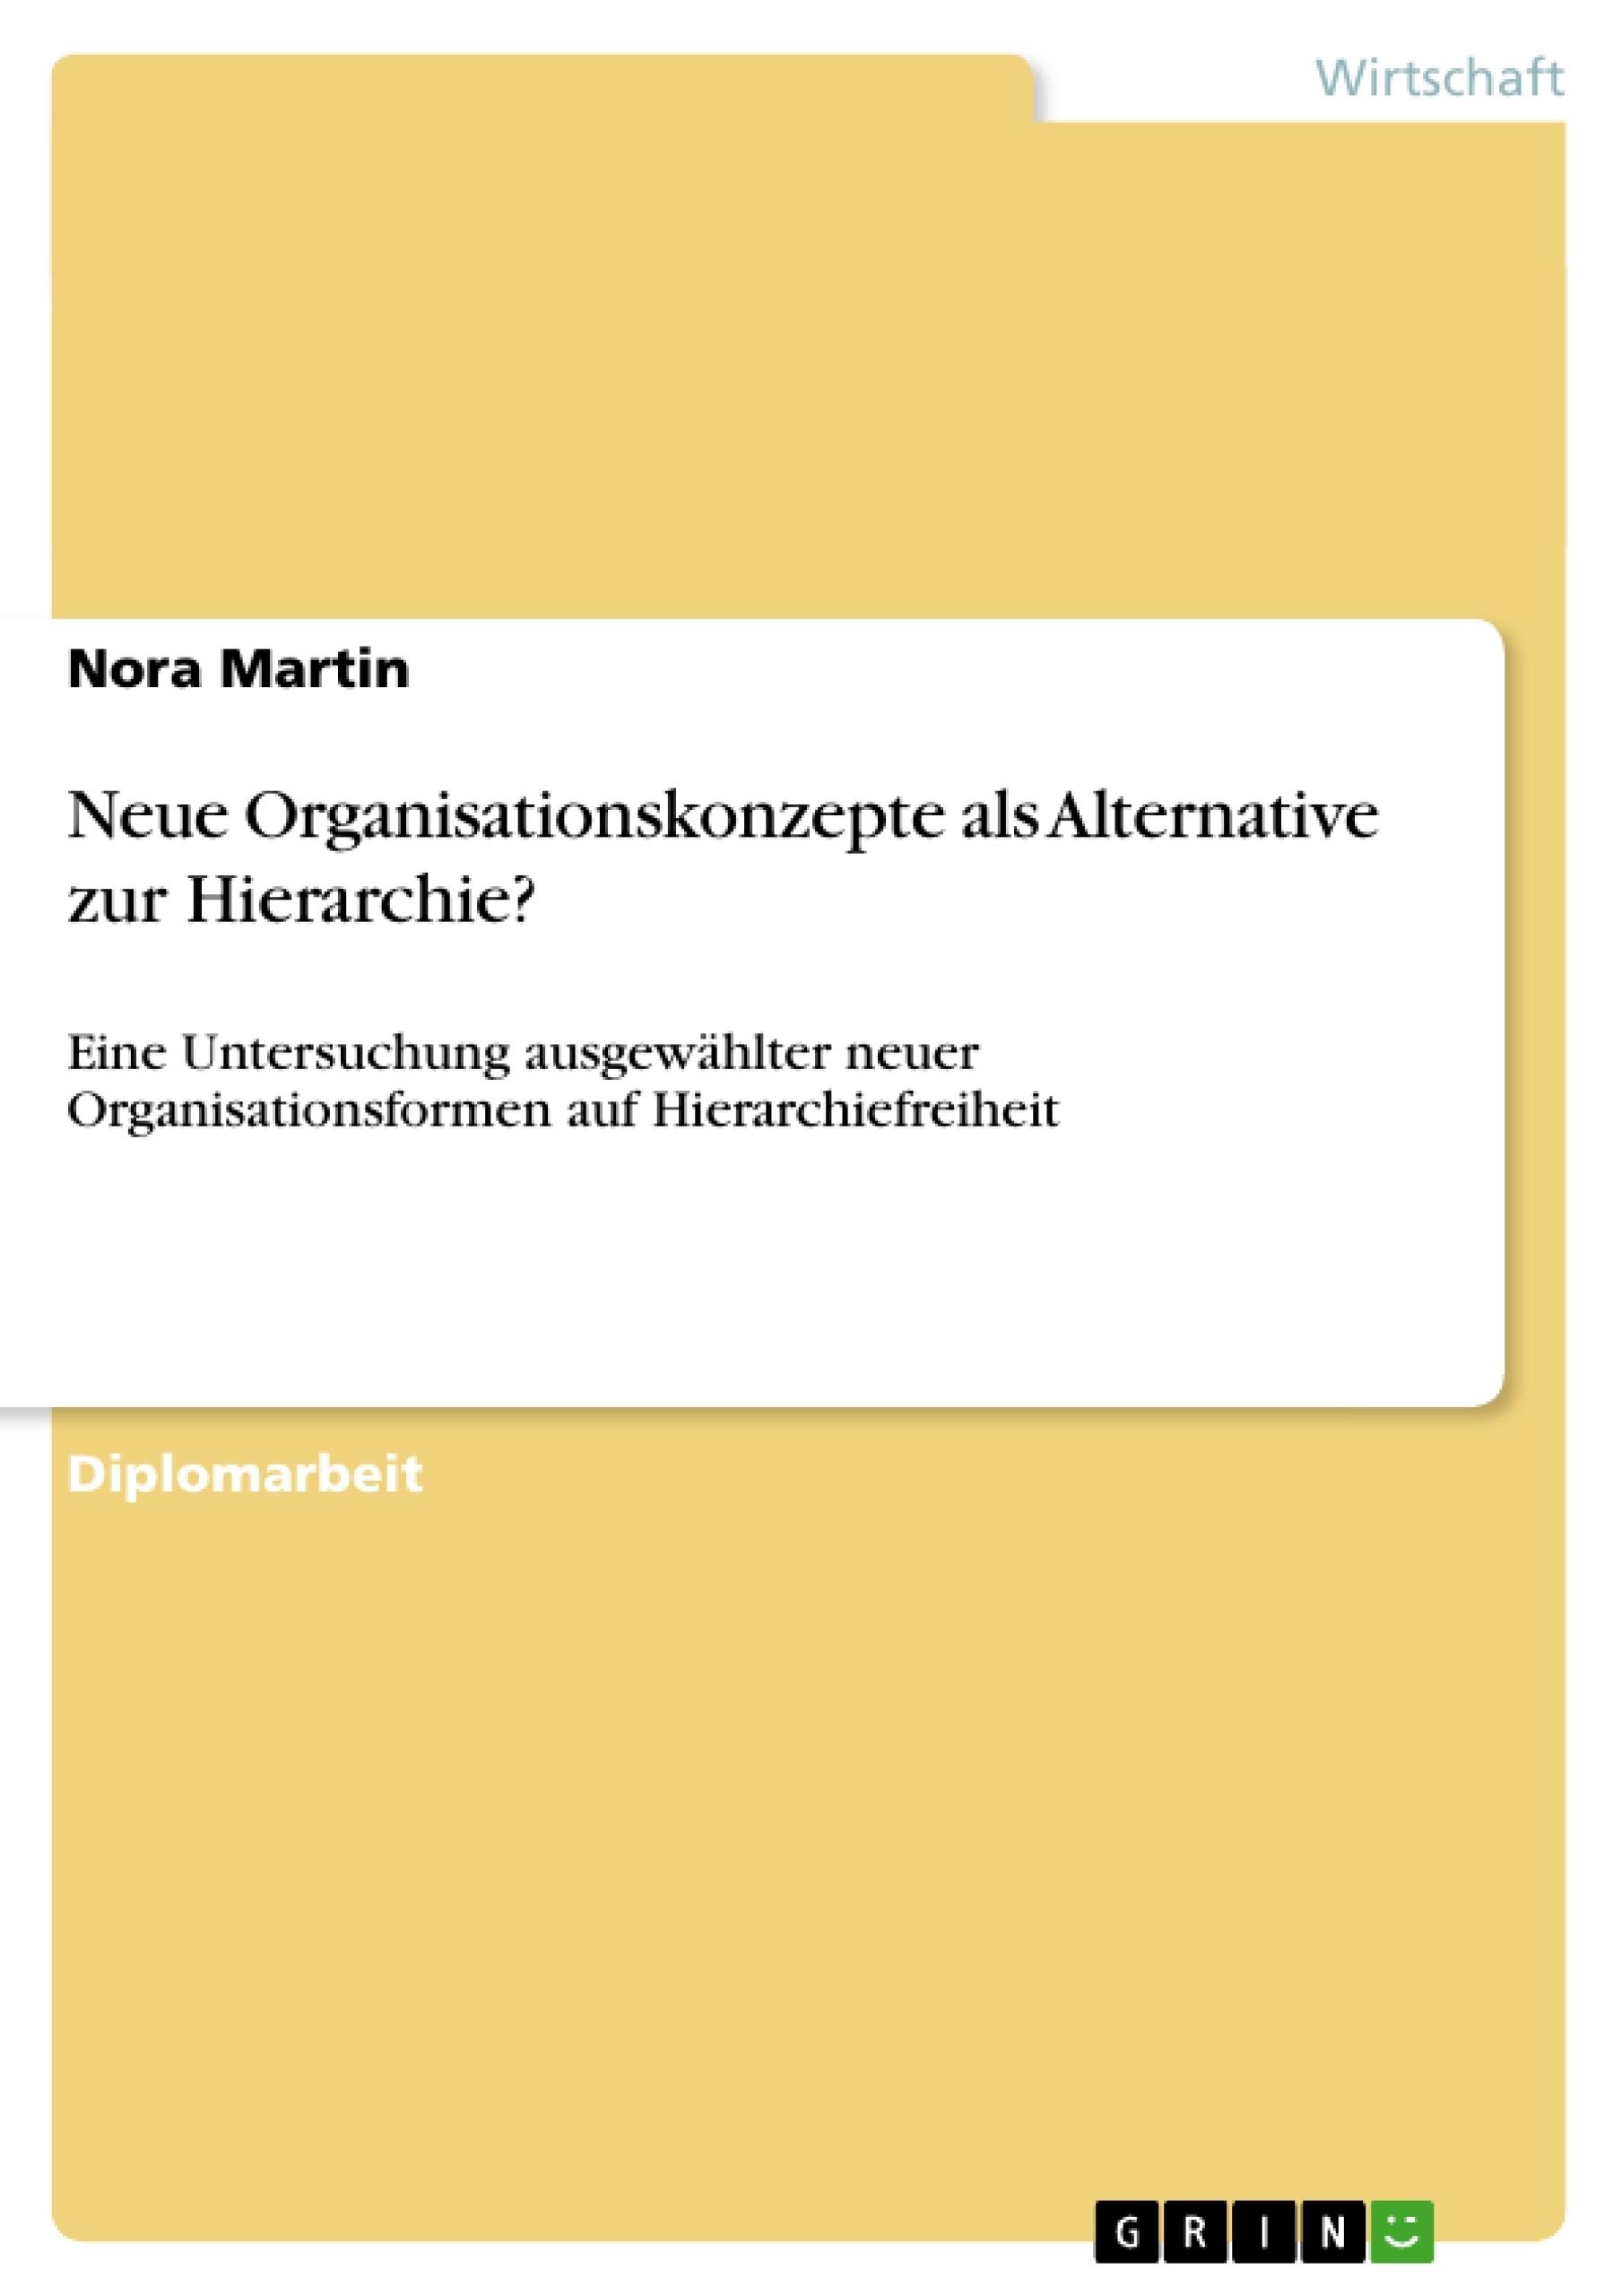 Titel: Neue Organisationskonzepte als Alternative zur Hierarchie?